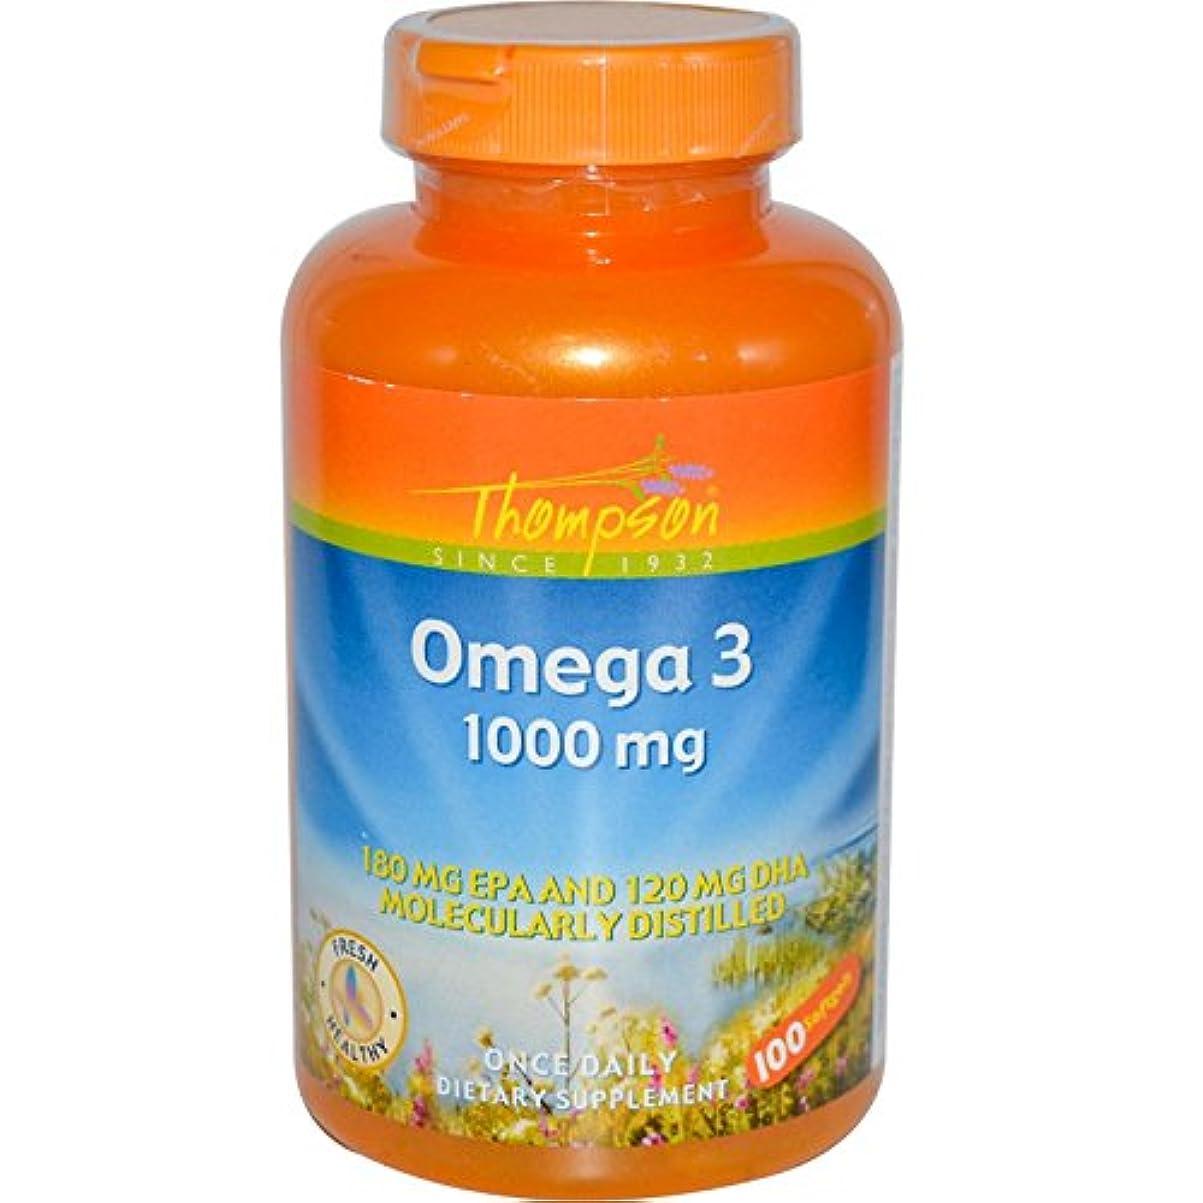 脱走余暇無能海外直送品 Thompson Nutritional Products Omega-3 Fish Oil, 100 Sftgls 1000 MG